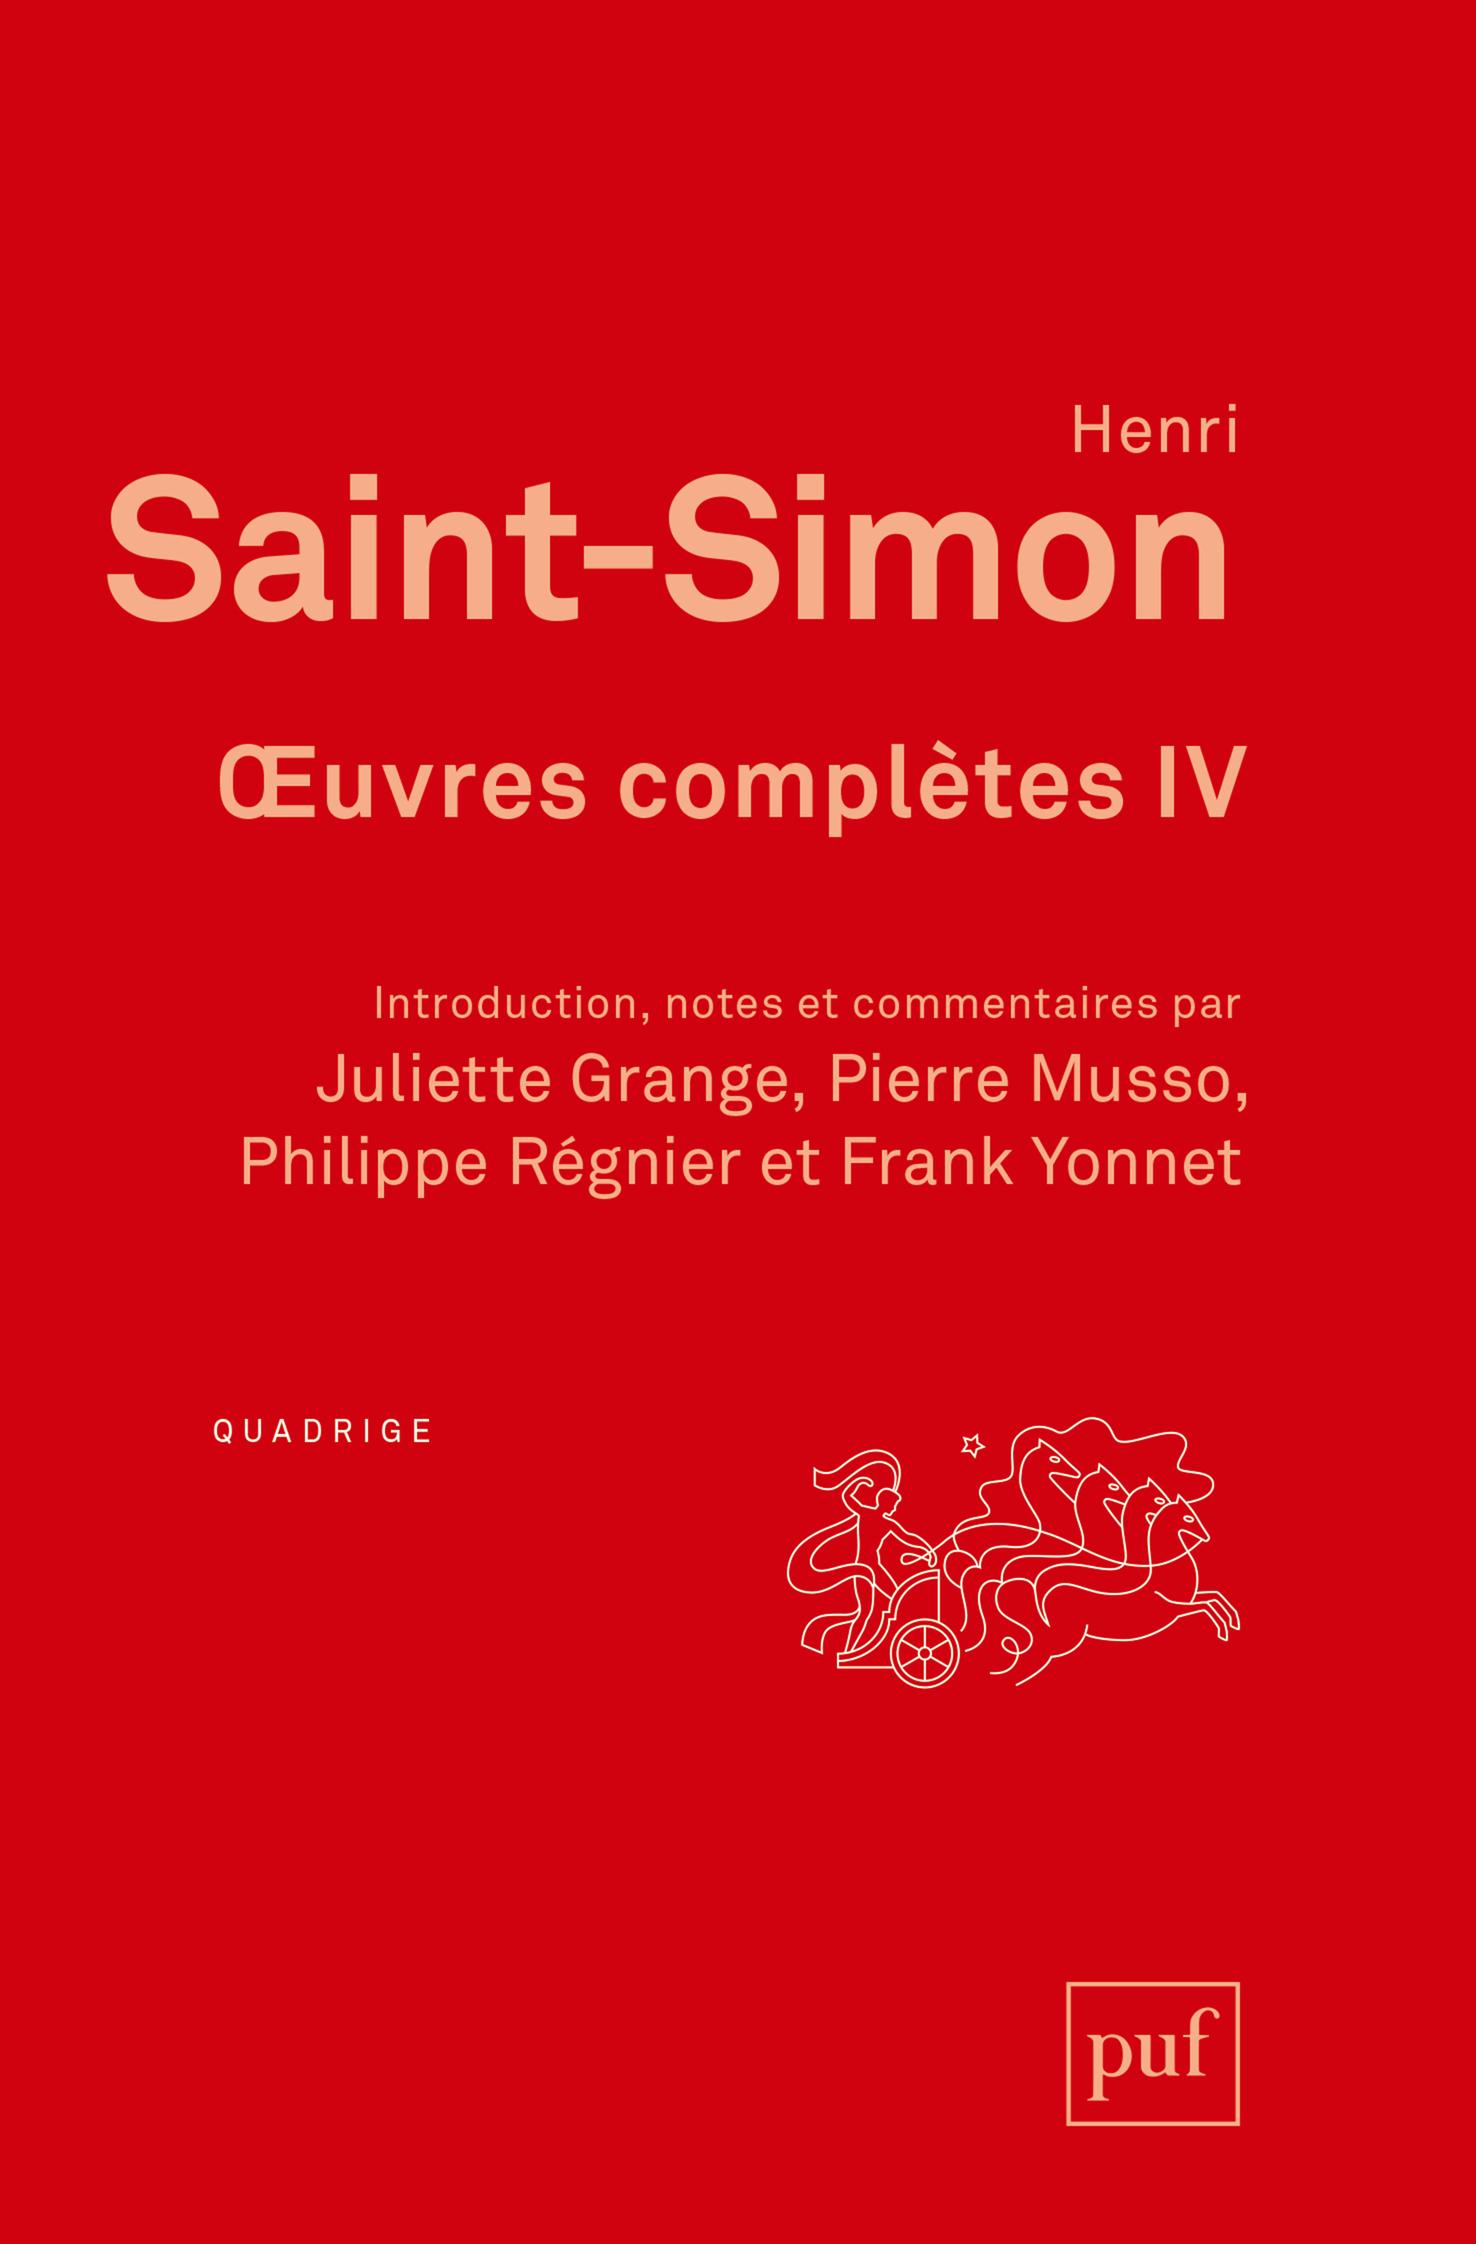 OEUVRES COMPLETES 4VOL - INTRODUCTION,NOTES ET COMMENTAIRES SOUS LA DIRECTION DE PIERRE MUSSO